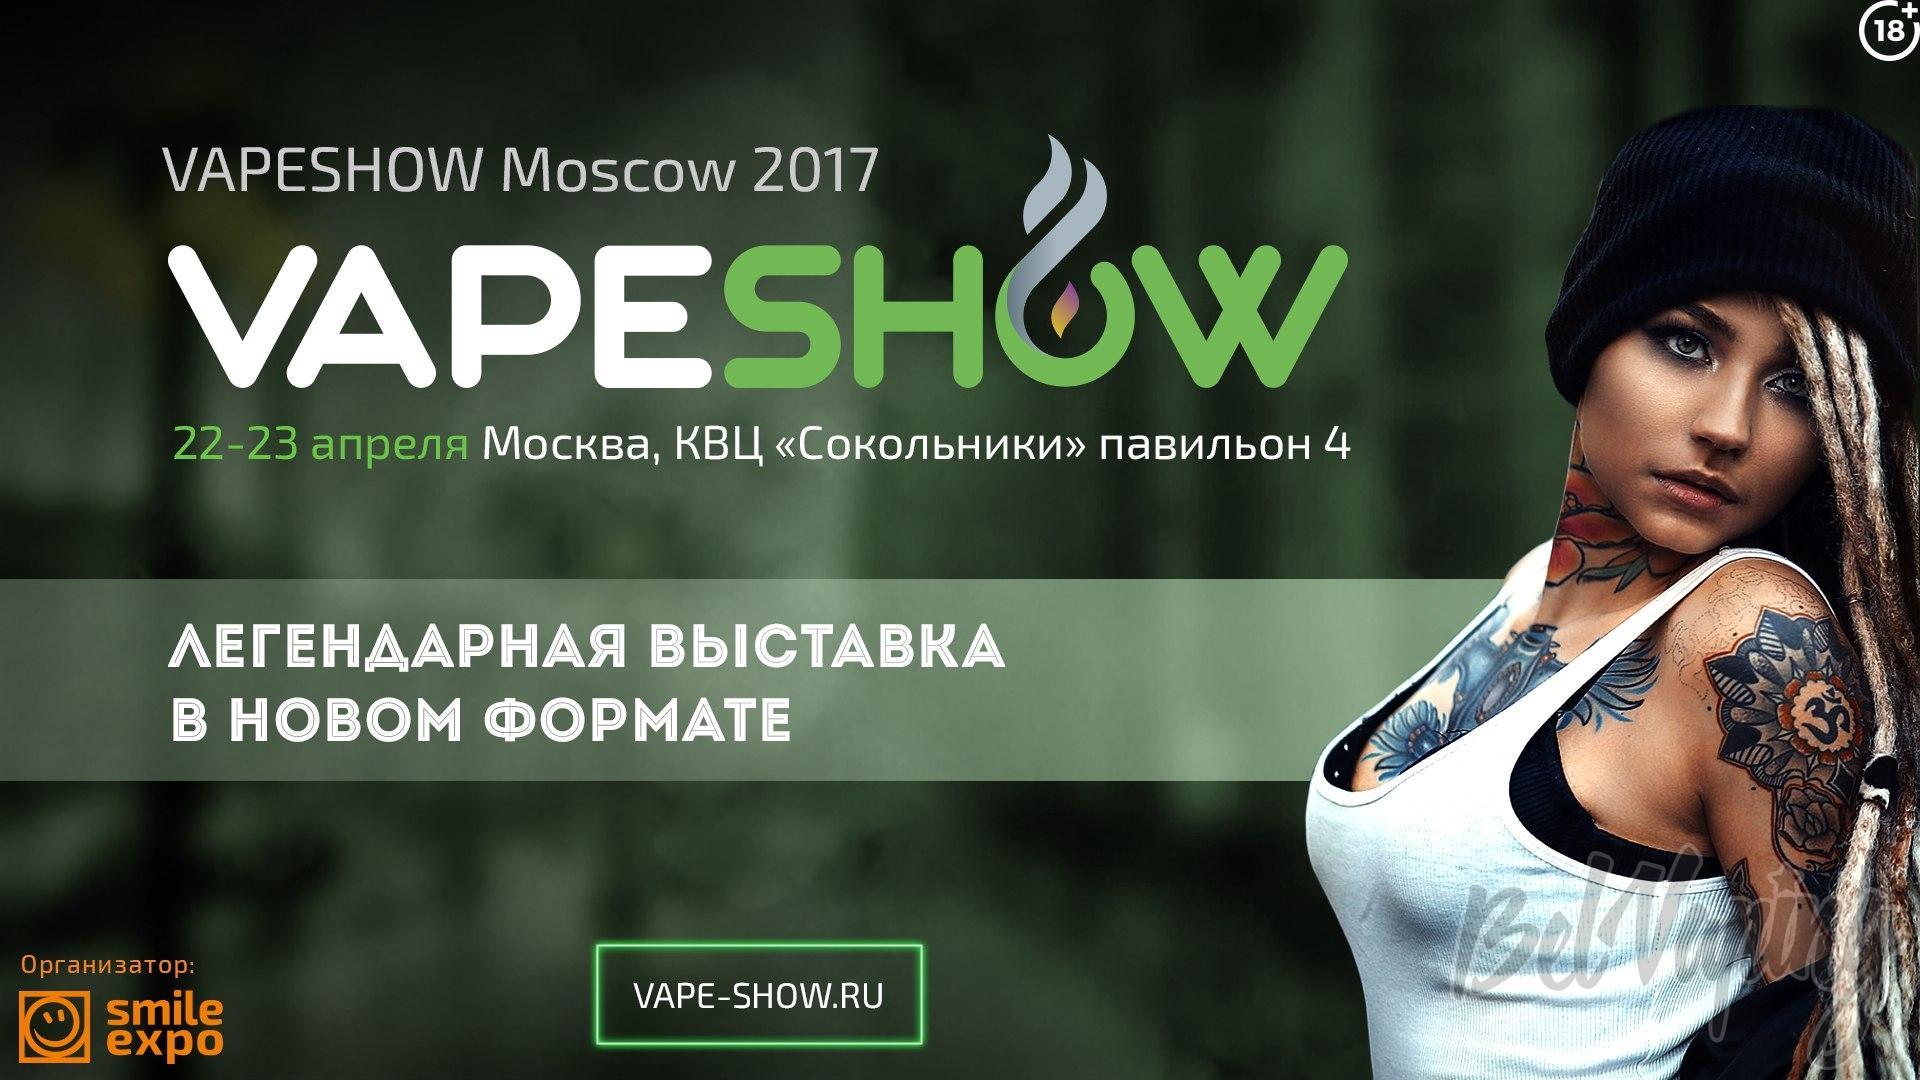 В Москве 22 и 23 апреля пройдет самая ожидаемая vape тусовка весны